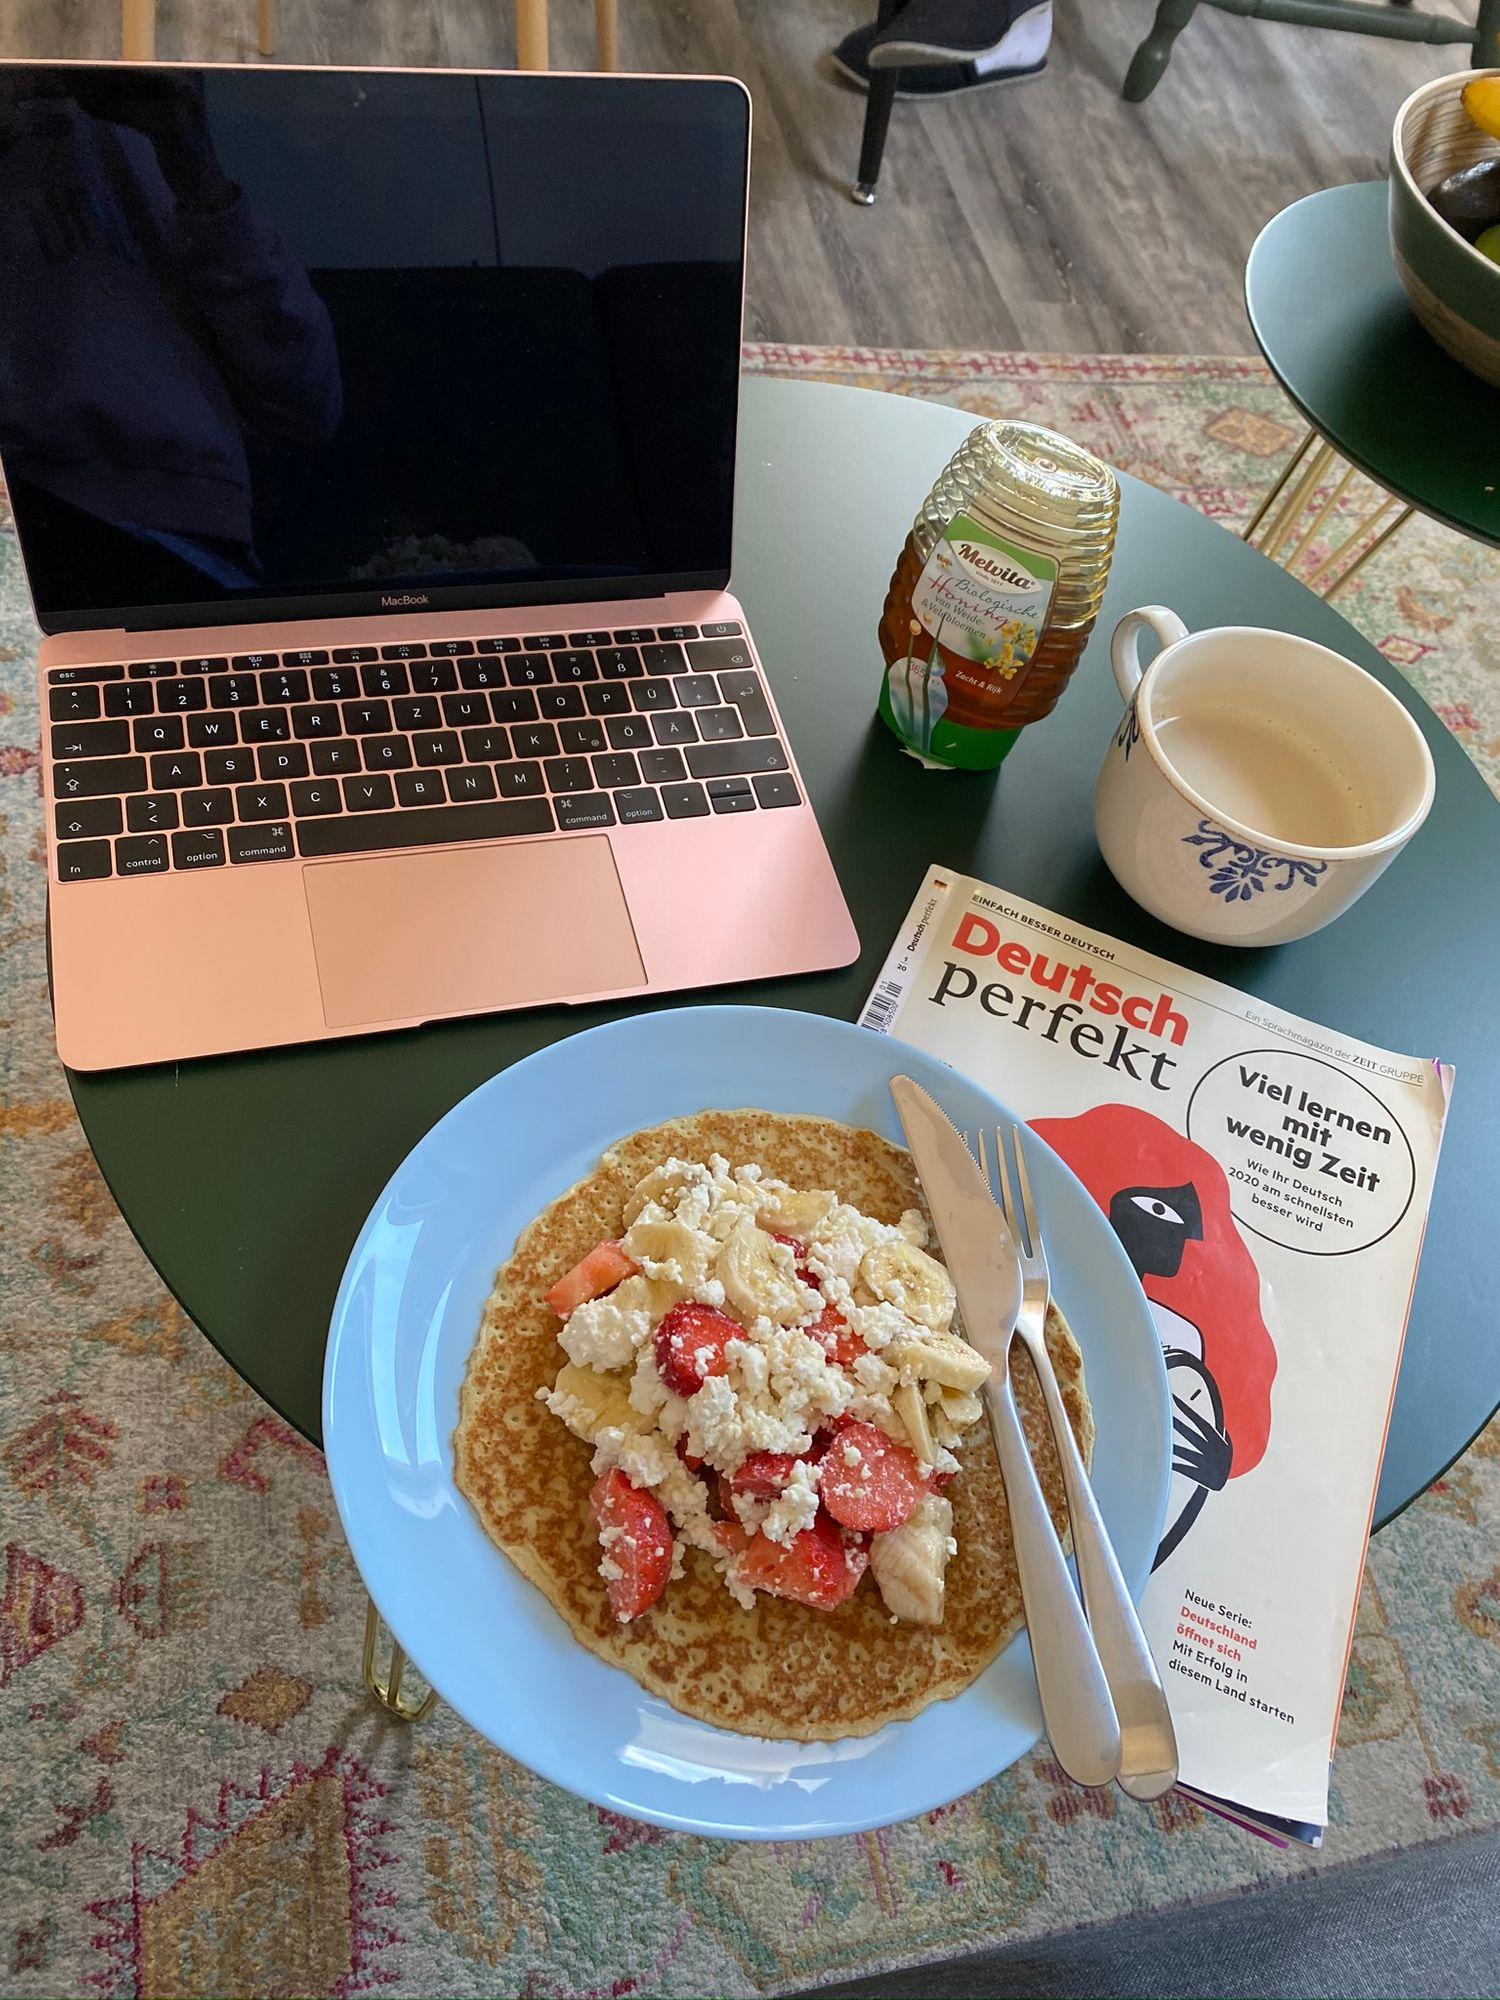 Идеальное время для сытного завтрака и самообразования